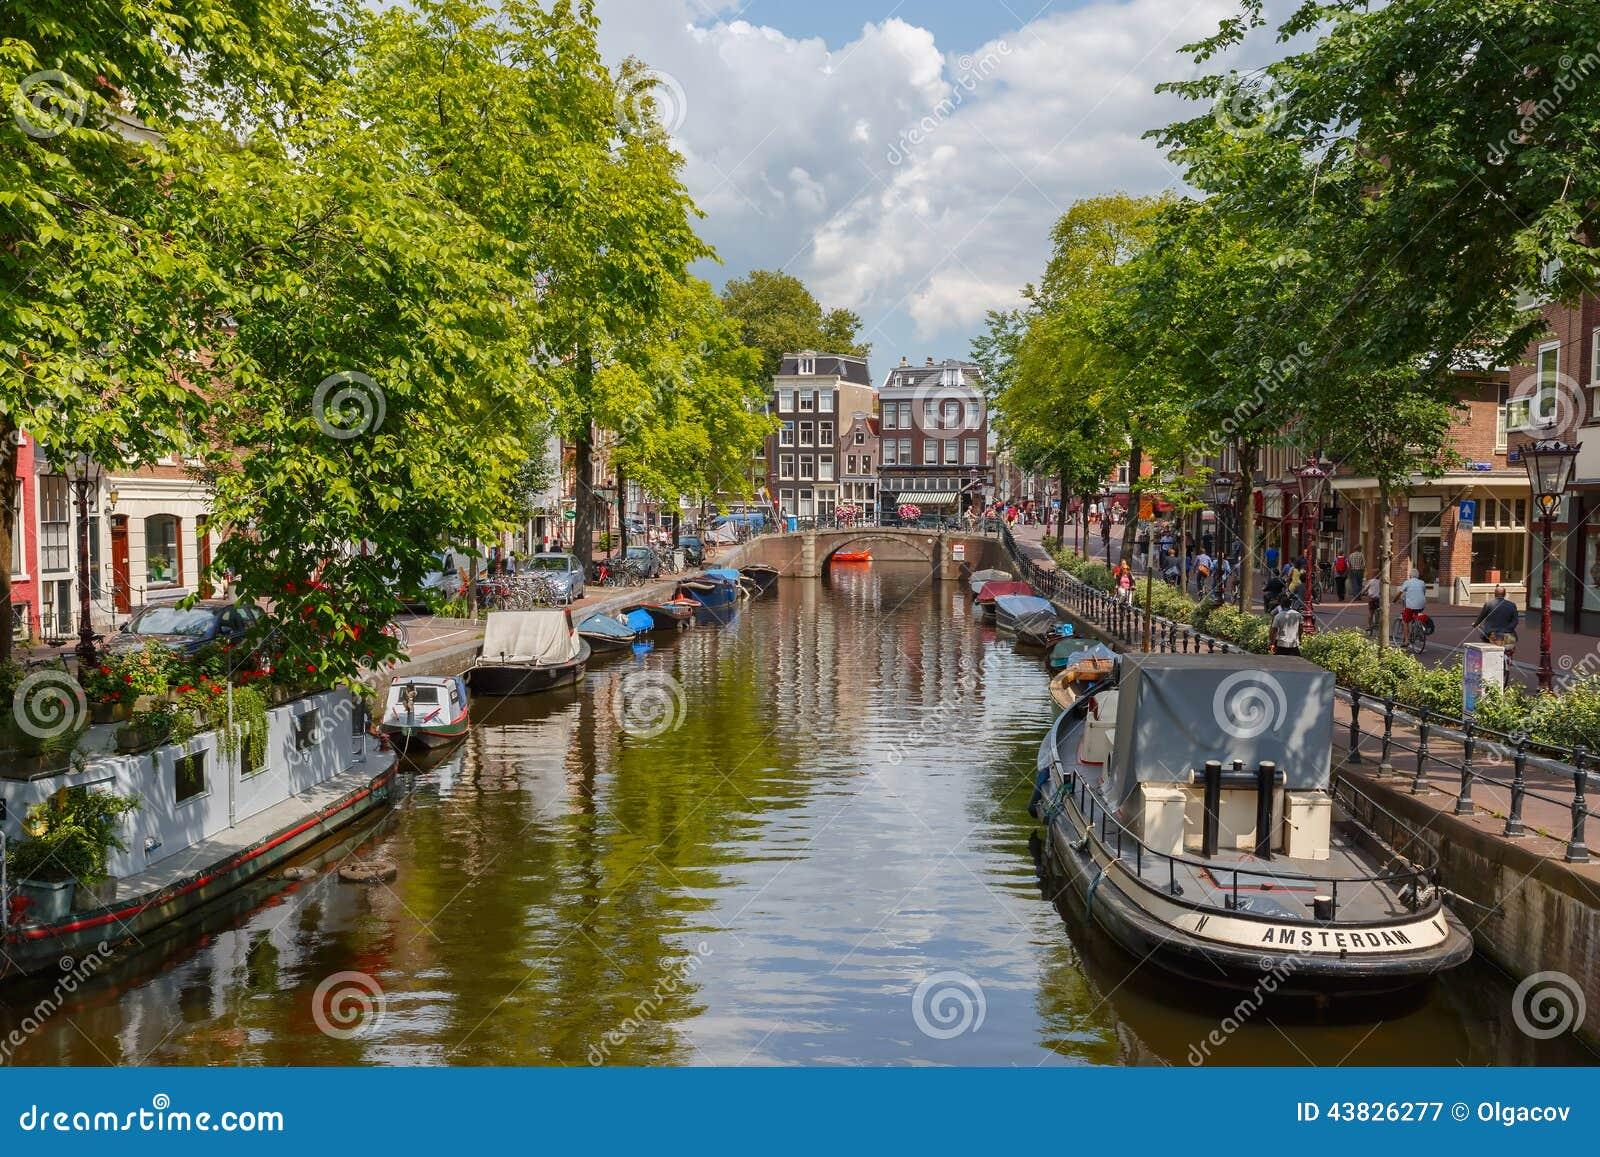 Canals Paris Tour